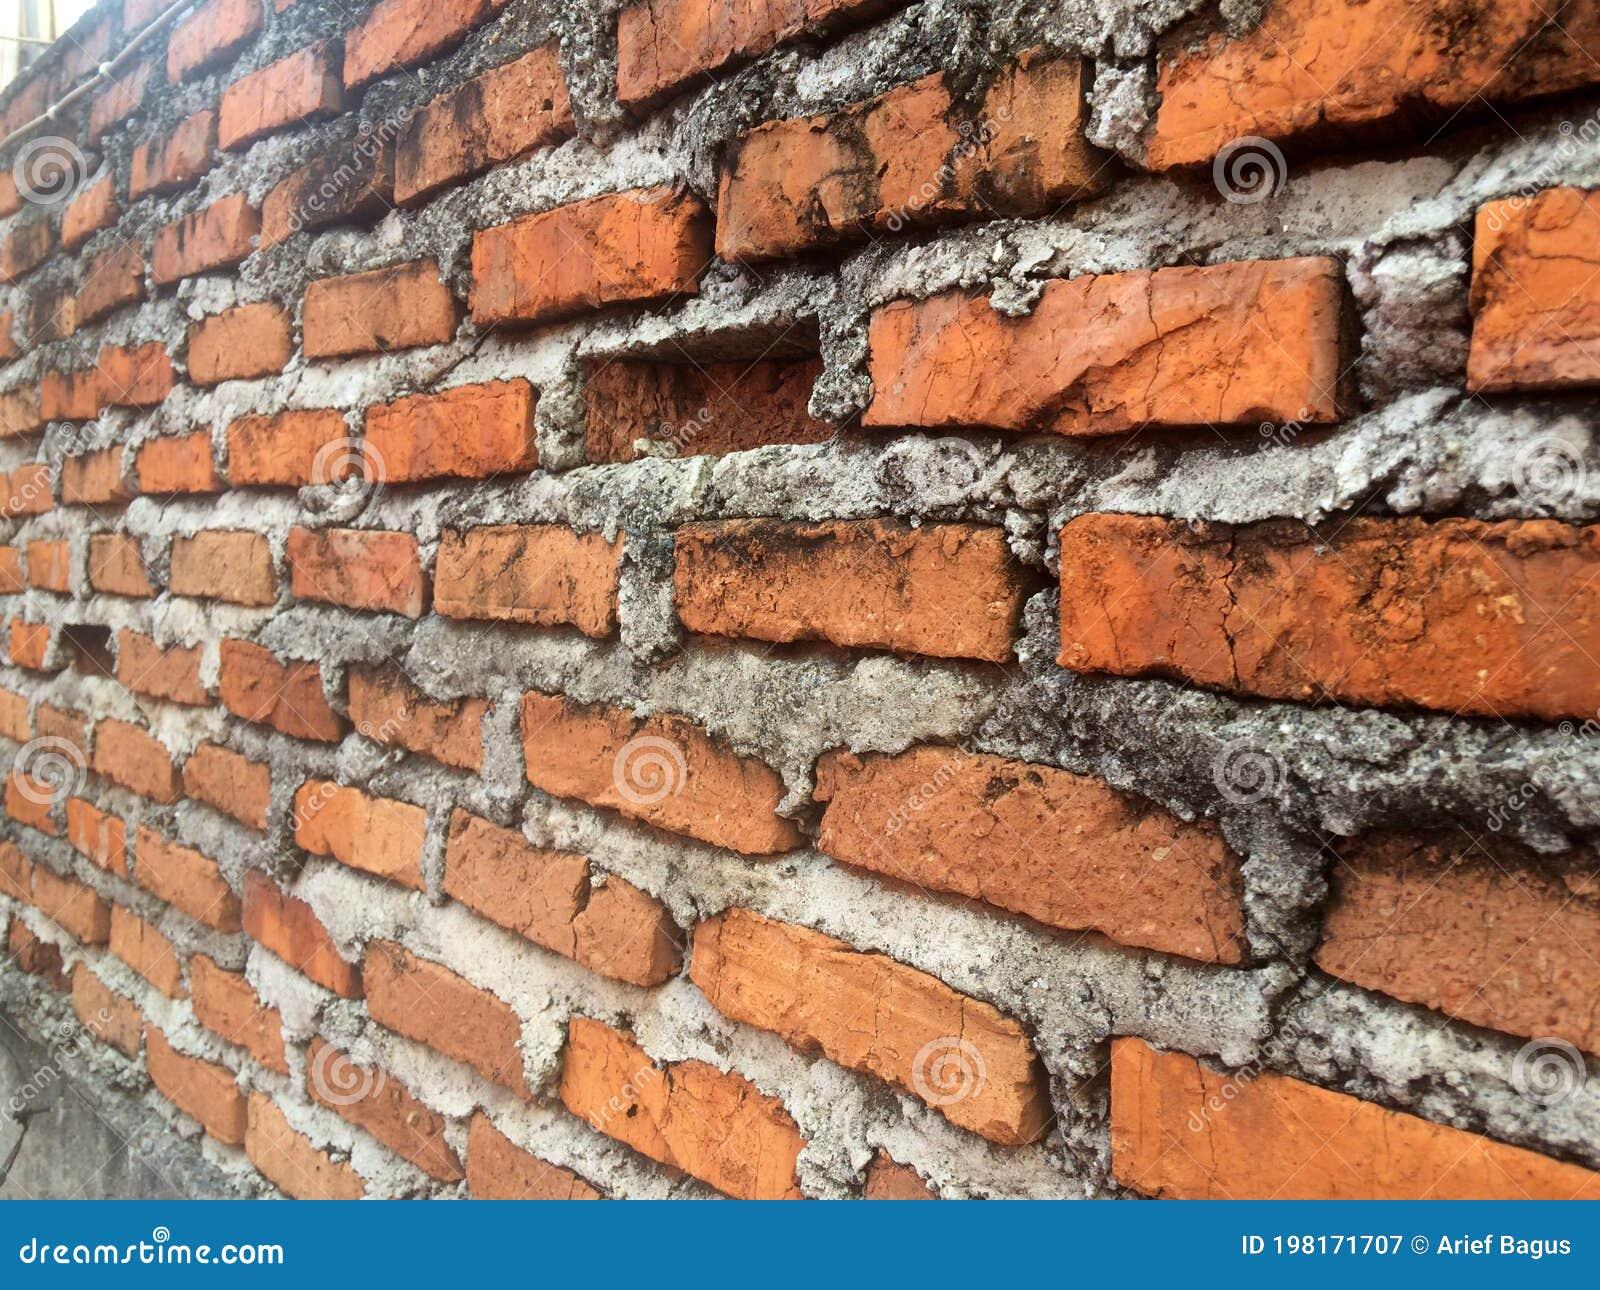 Unfinished Red Brick Wall Or Tembok Bata Merah Batu Bata Wall Stock Image Image Of Brown Material 198171707 Dinding batu bata merah